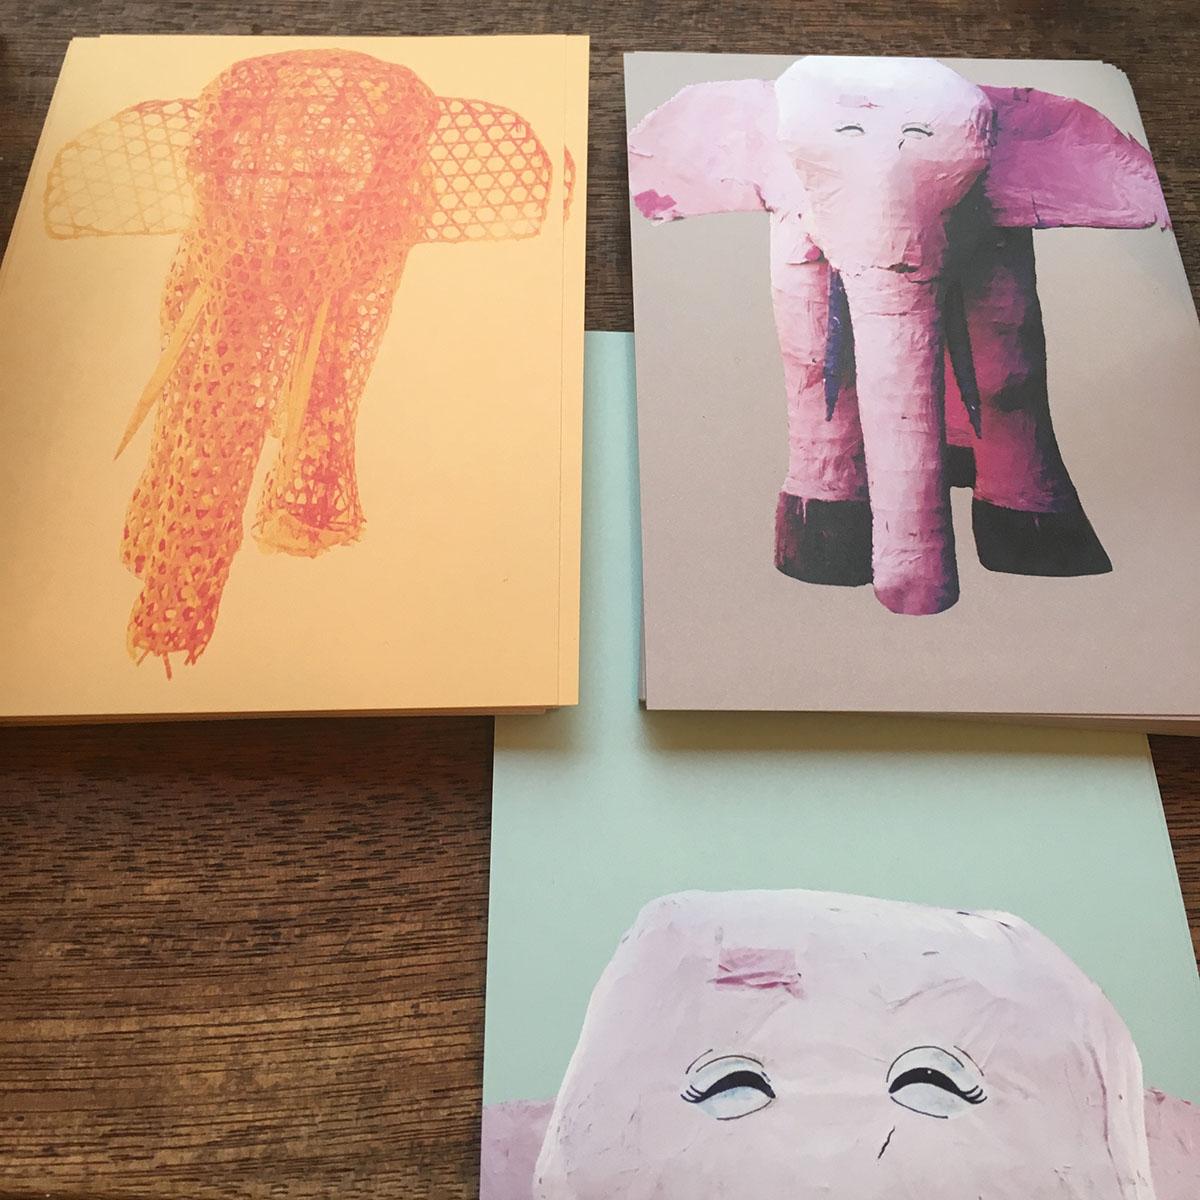 『西荻にいたピンクの象』刊行記念絵ハガキ